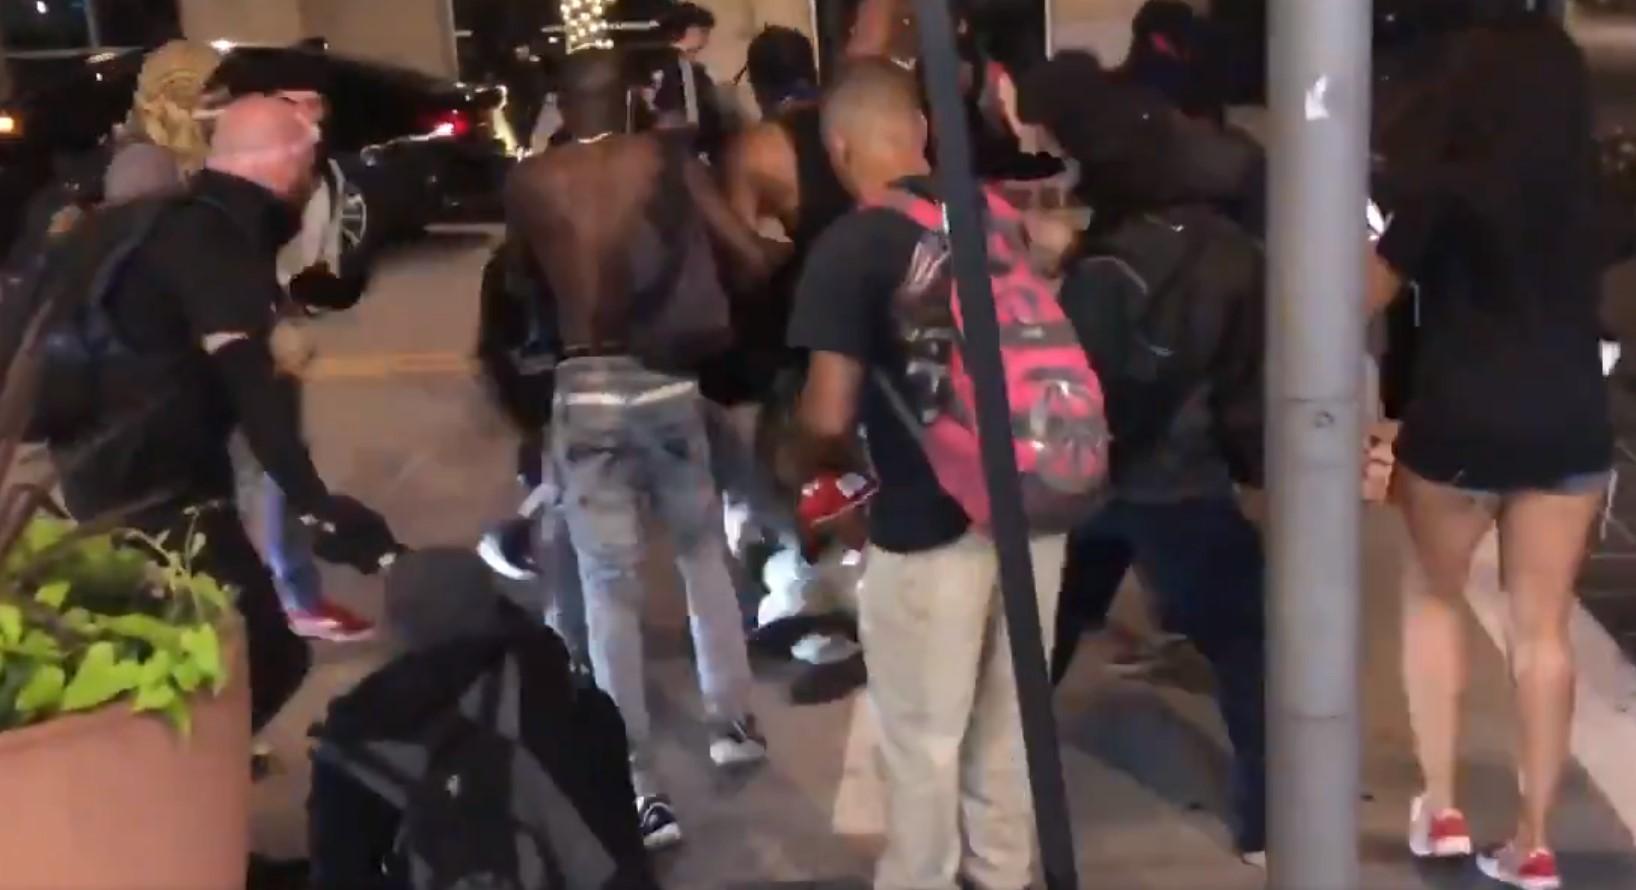 """Un grupo de manifestantes dejó moribundo a un tío que """"protegía el barrio de los saqueos con un cuchillaco enorme en la mano"""""""